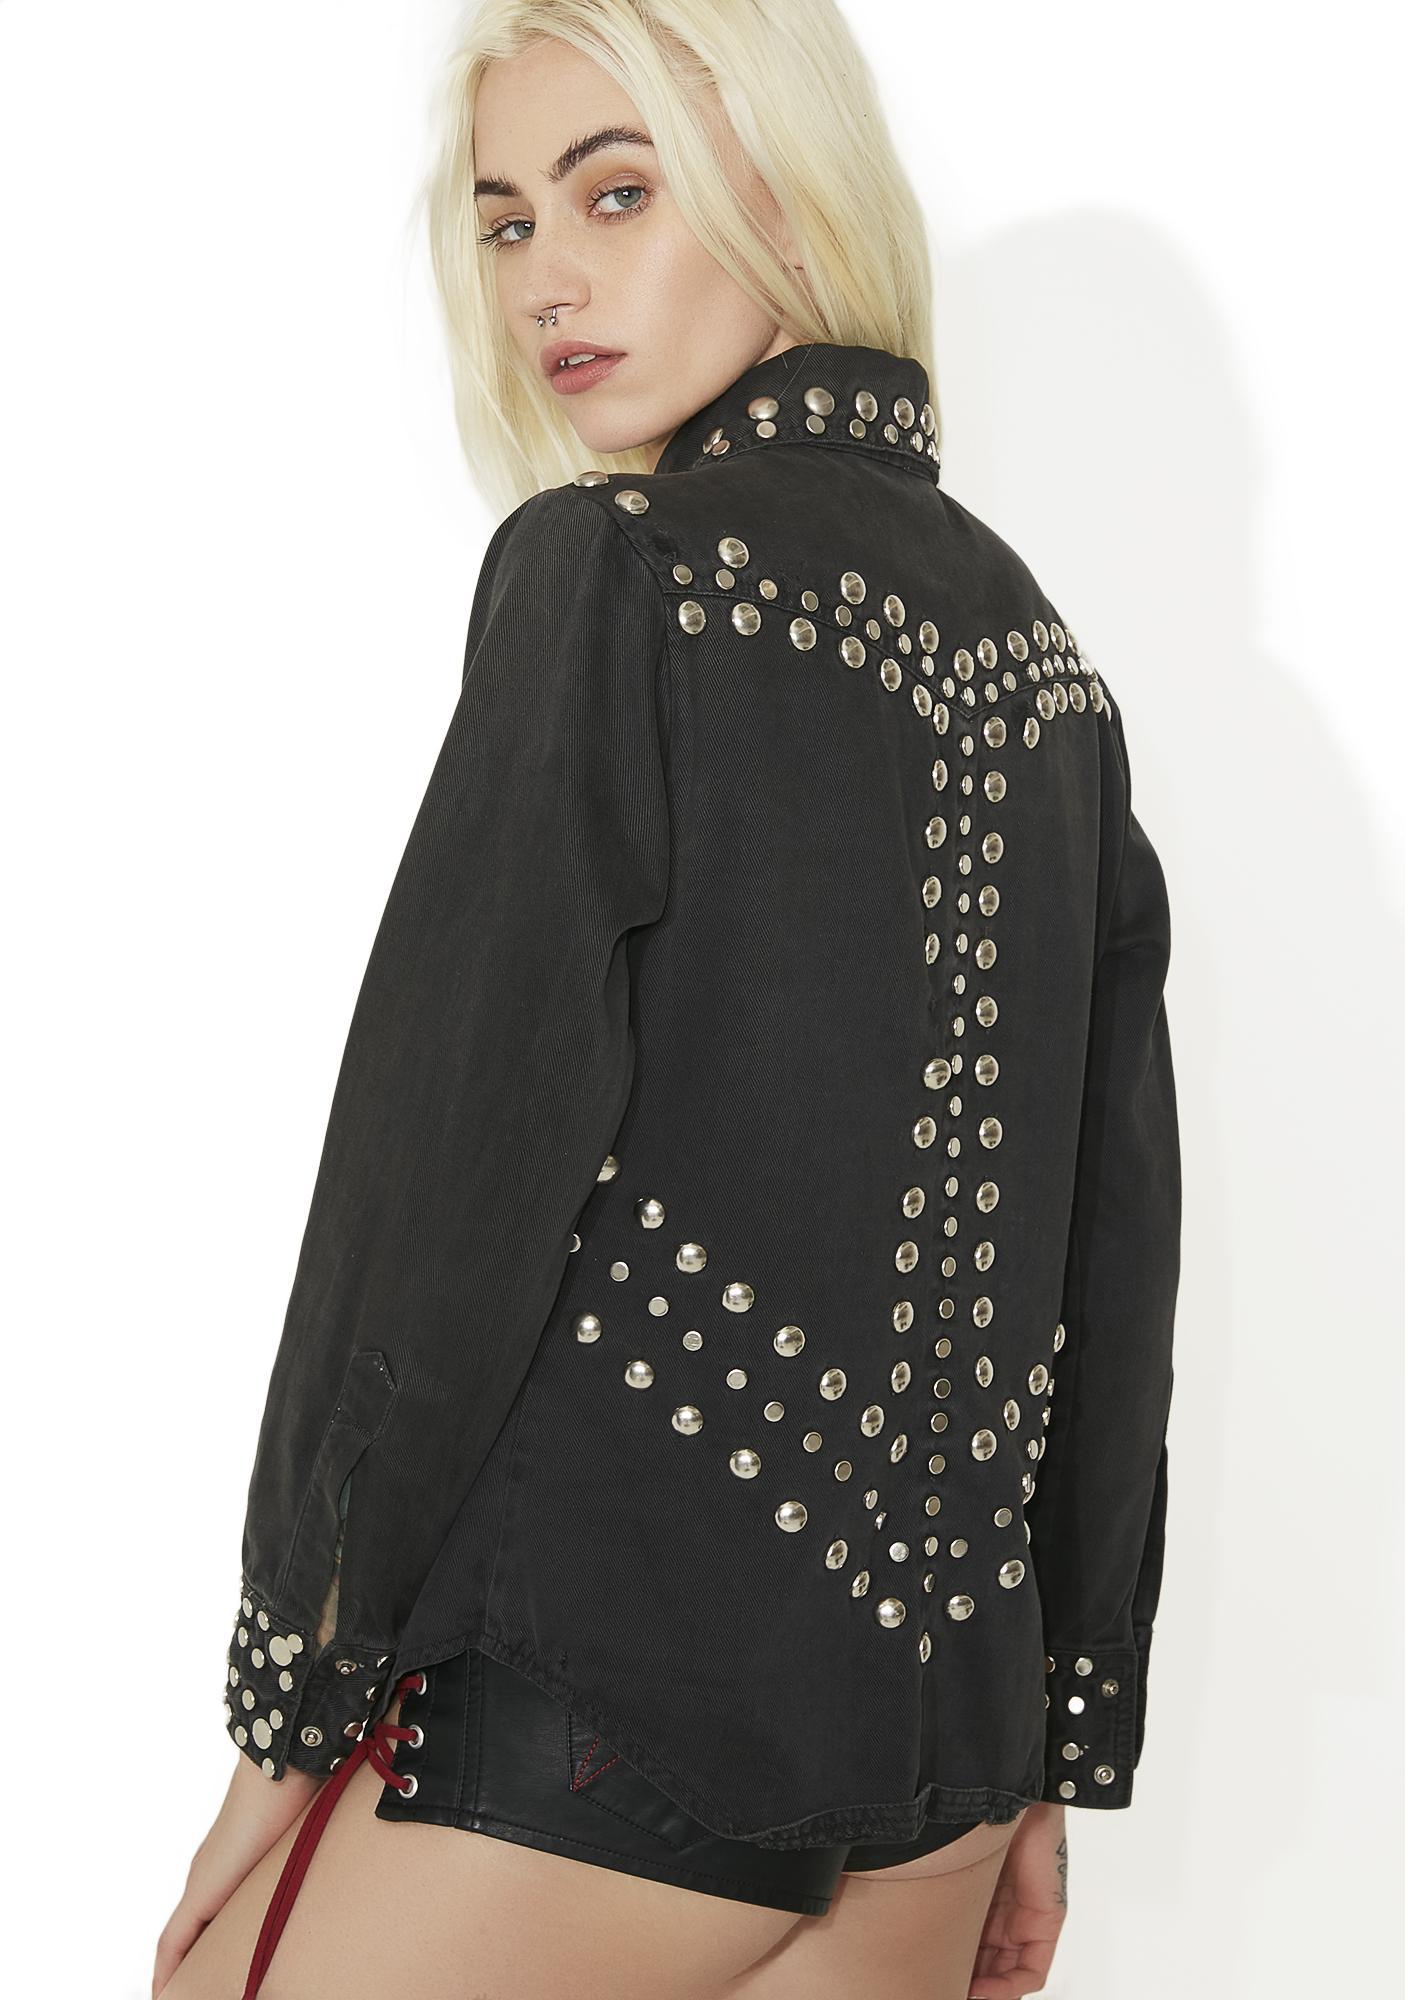 Vintage 70s Studded Jacket